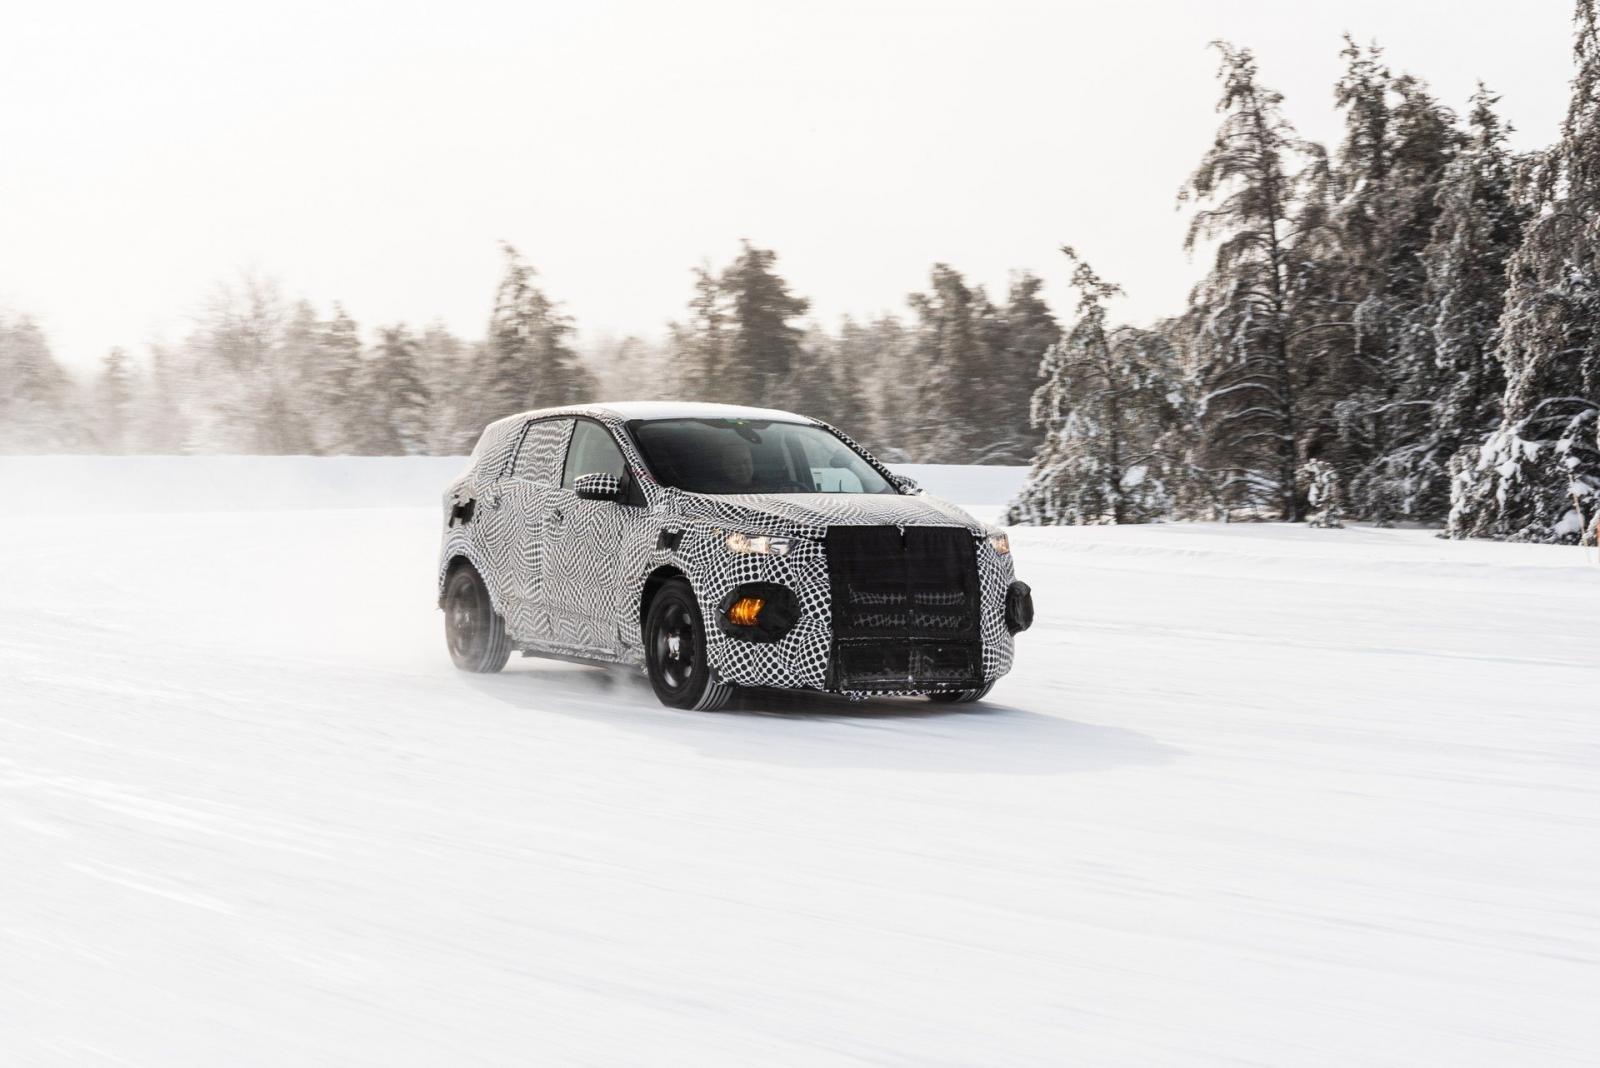 Crossover chạy điện lấy cảm hứng từ Ford Mustang được miễn phí sạc 2 năm tại trạm sạc công cộng của Ford.